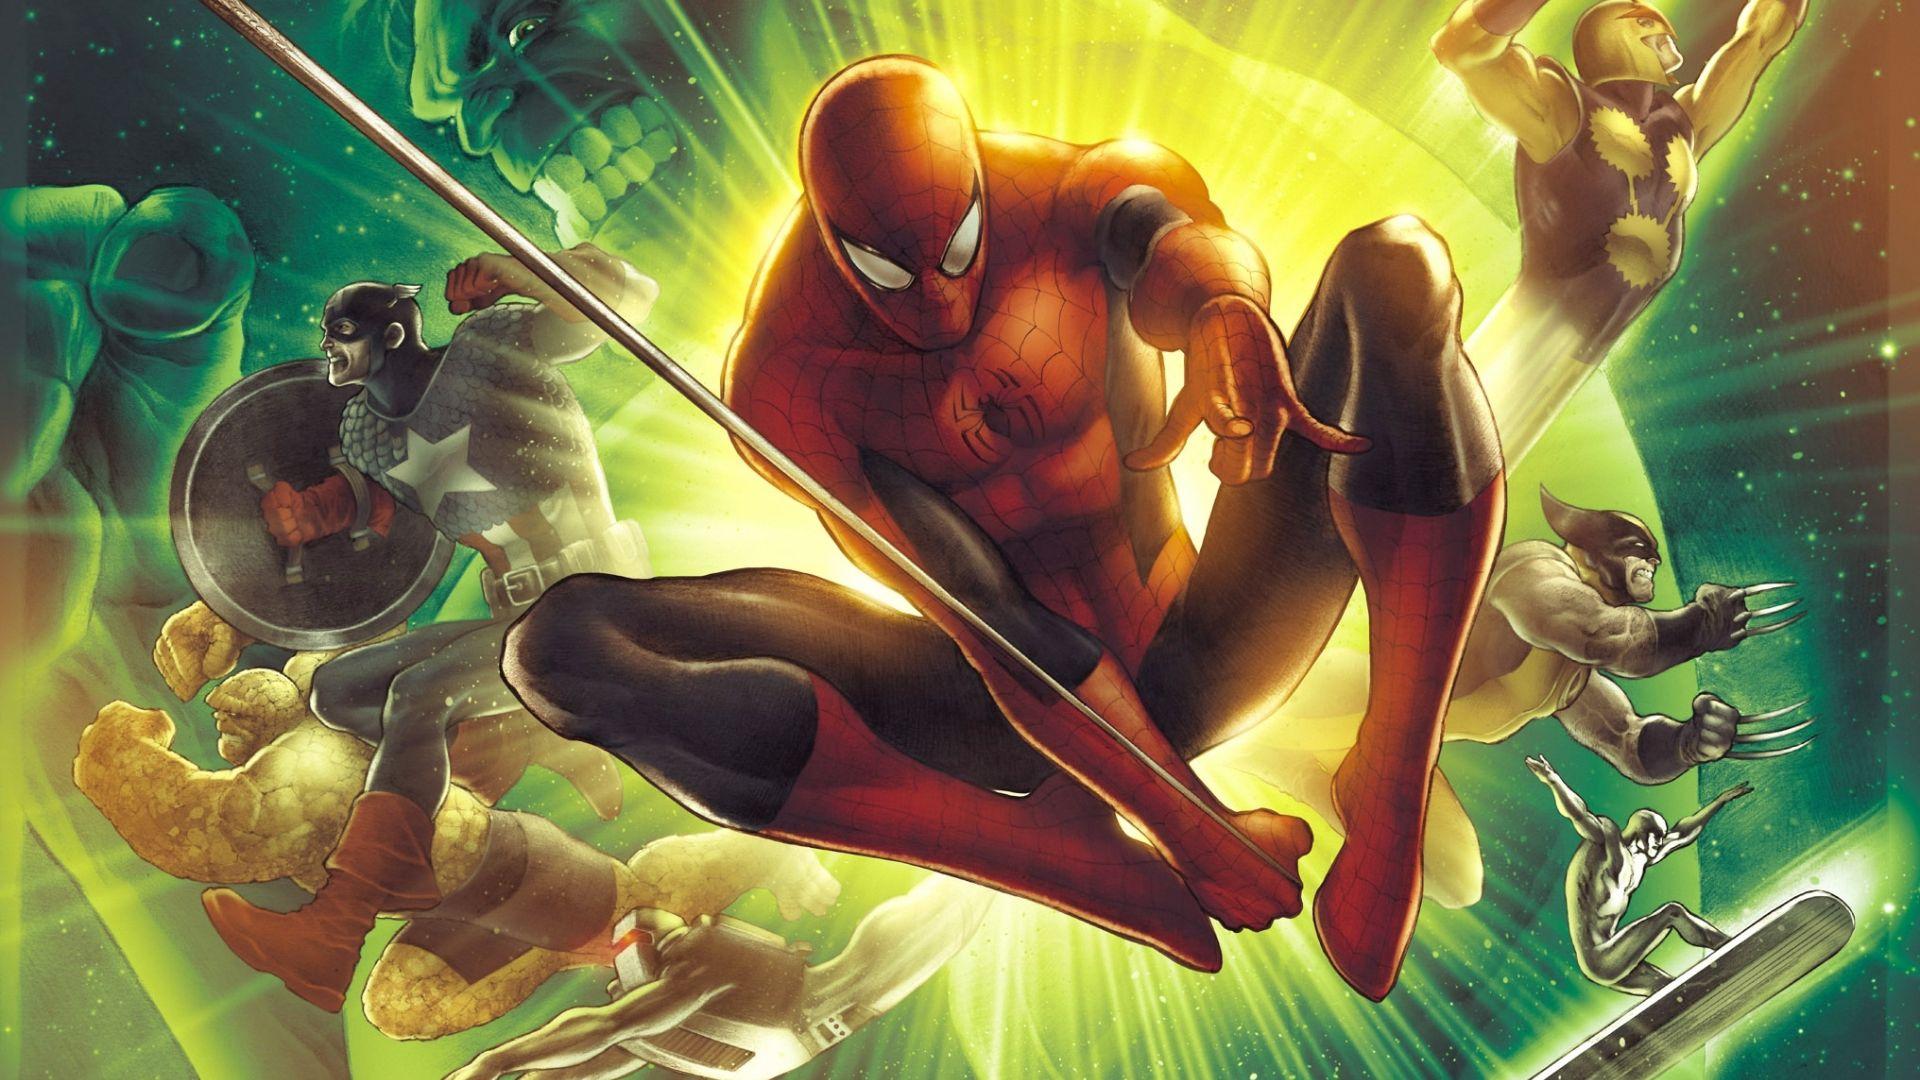 Wallpaper Superhero, marvel comics